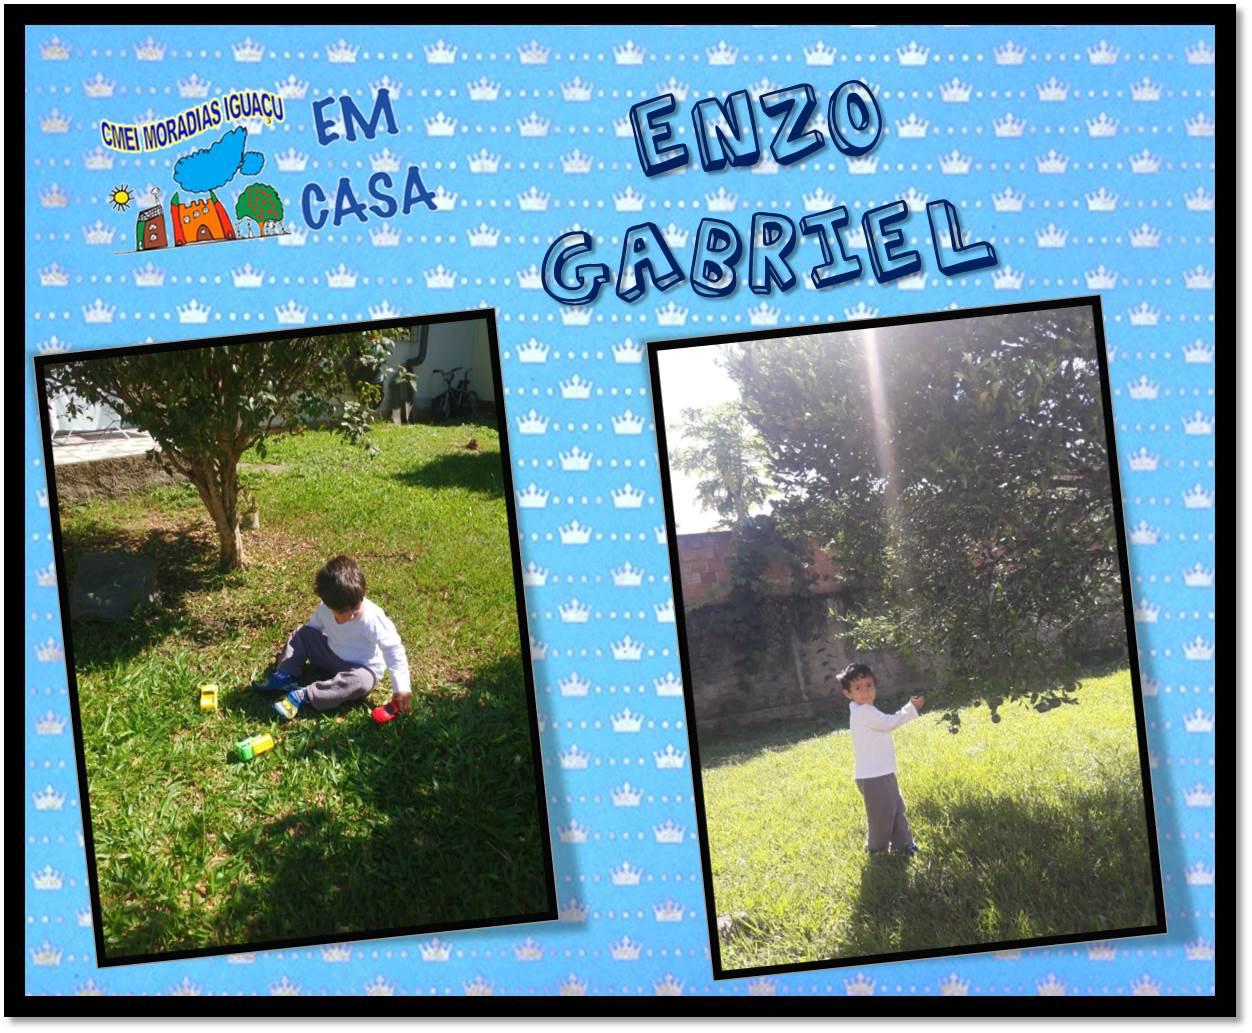 Enzo Gabriel